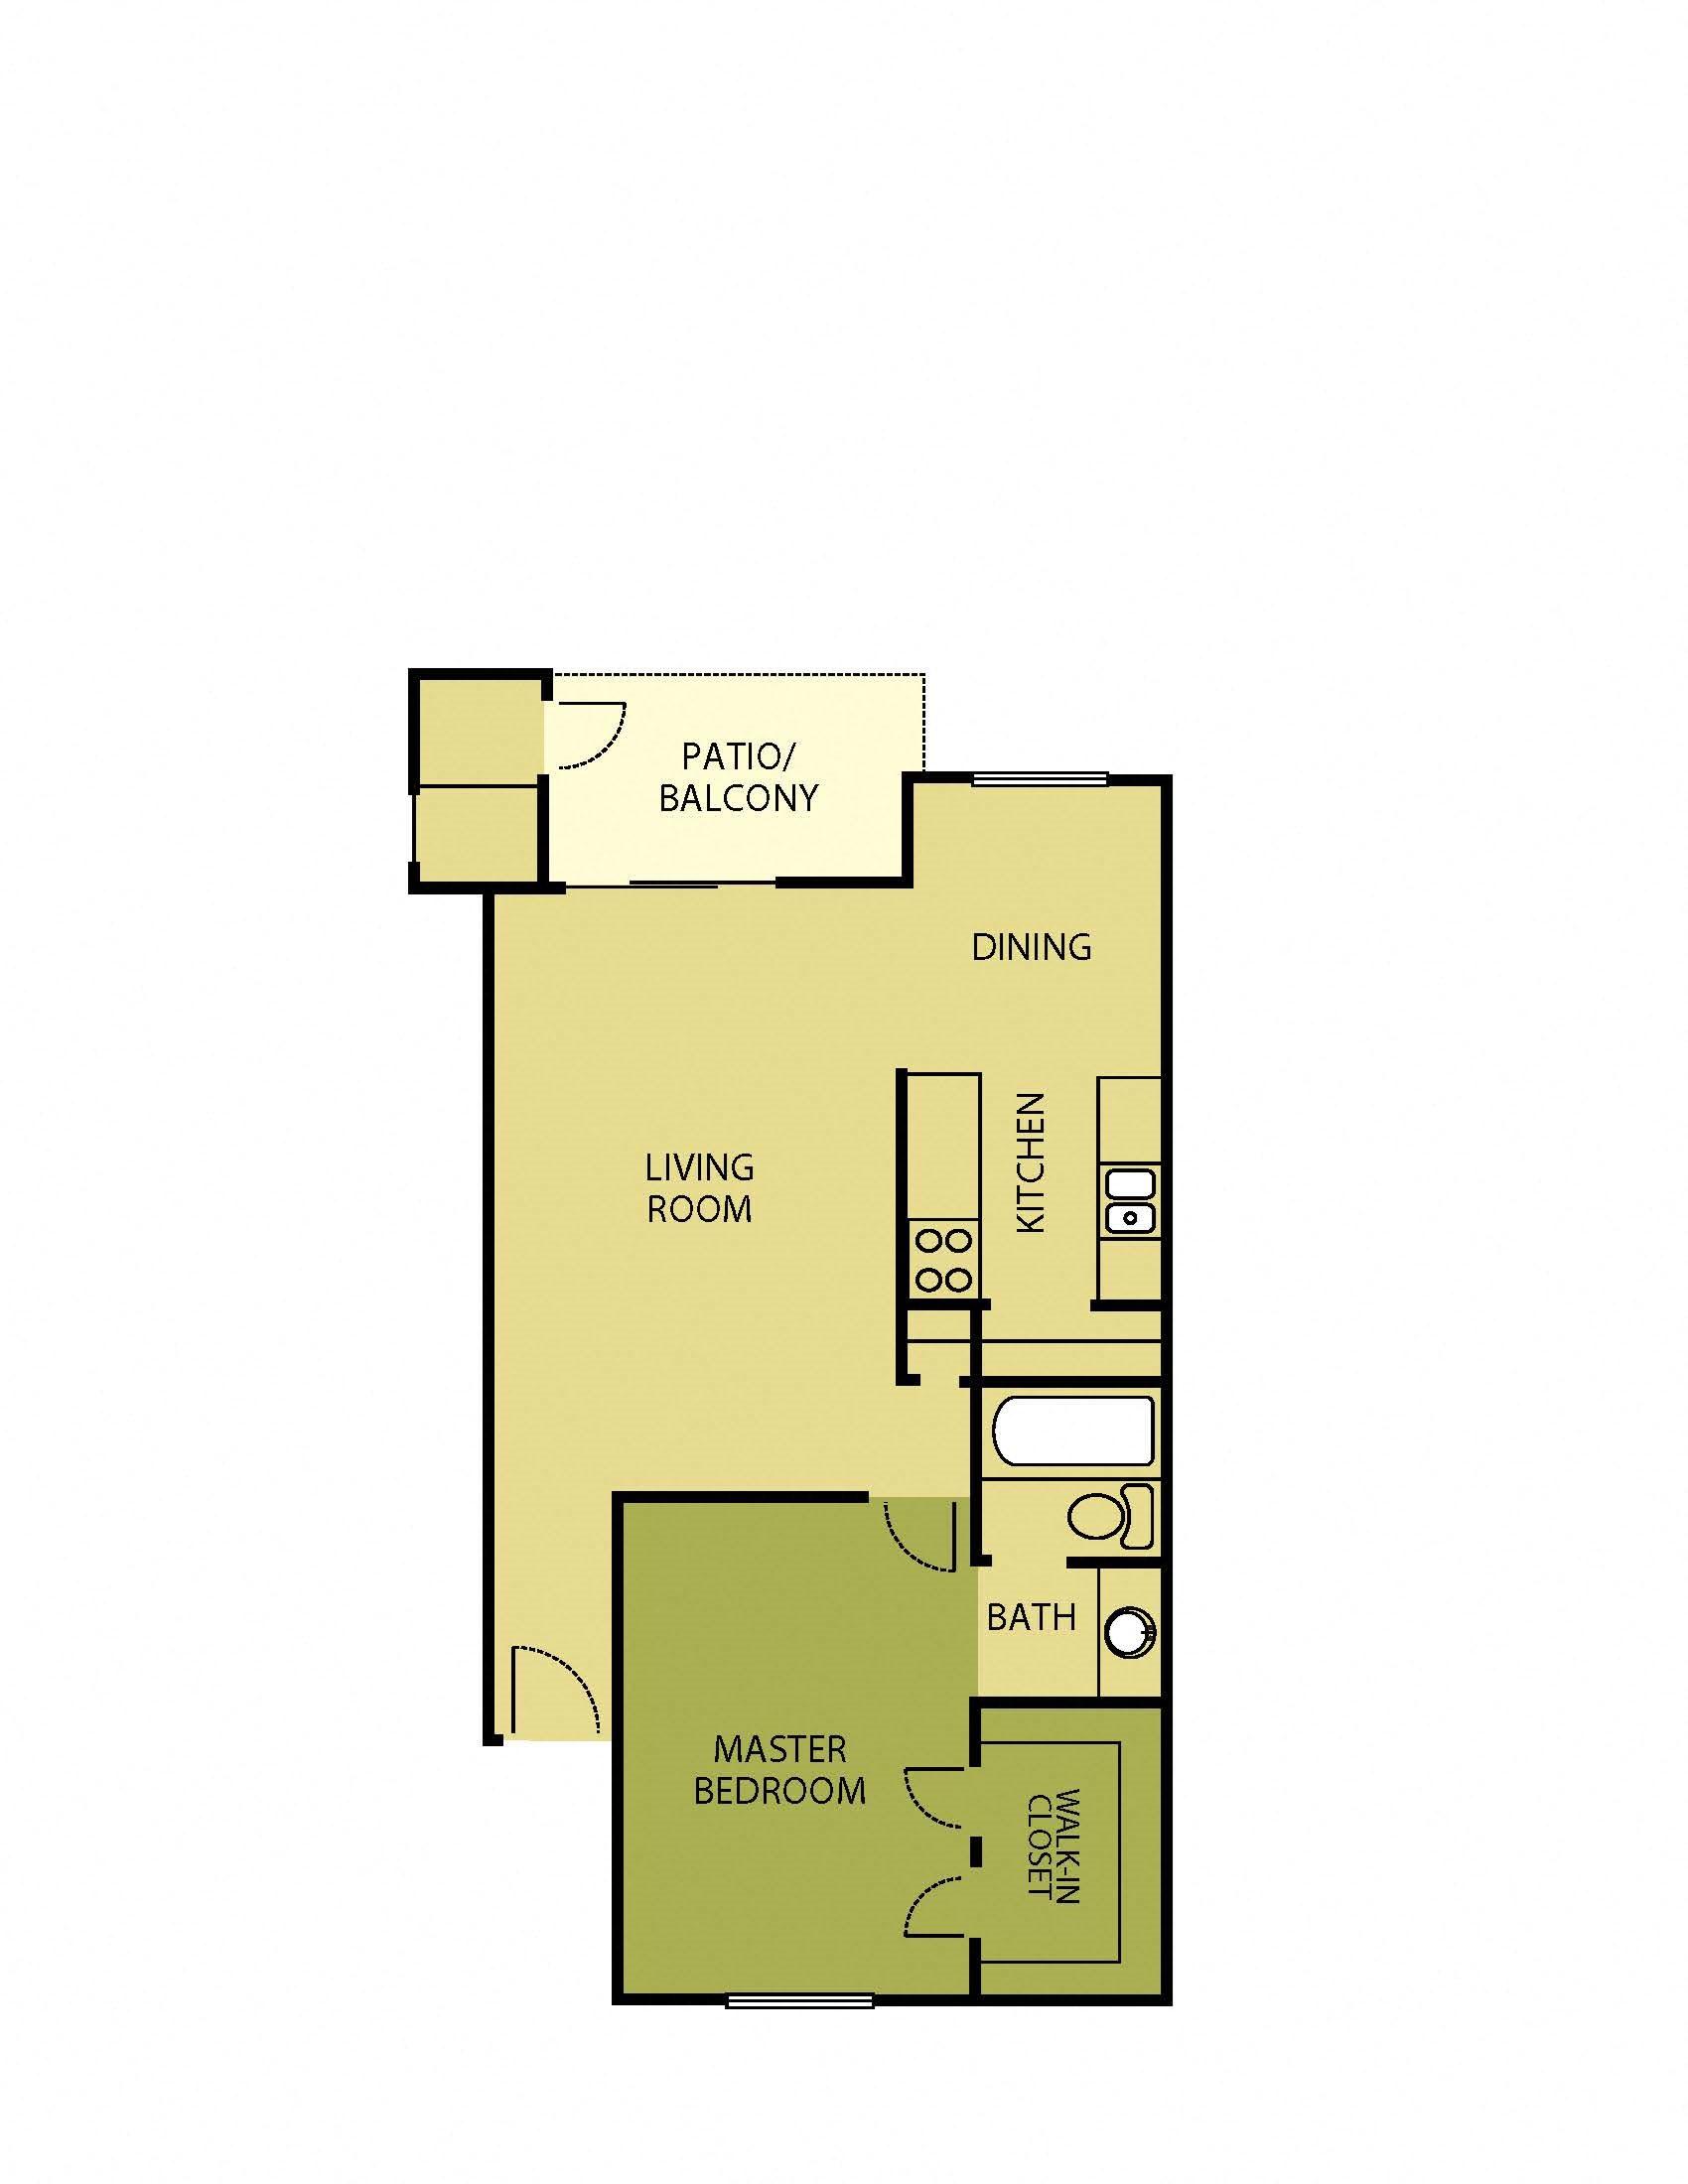 1x1 - 690 Floor Plan 3